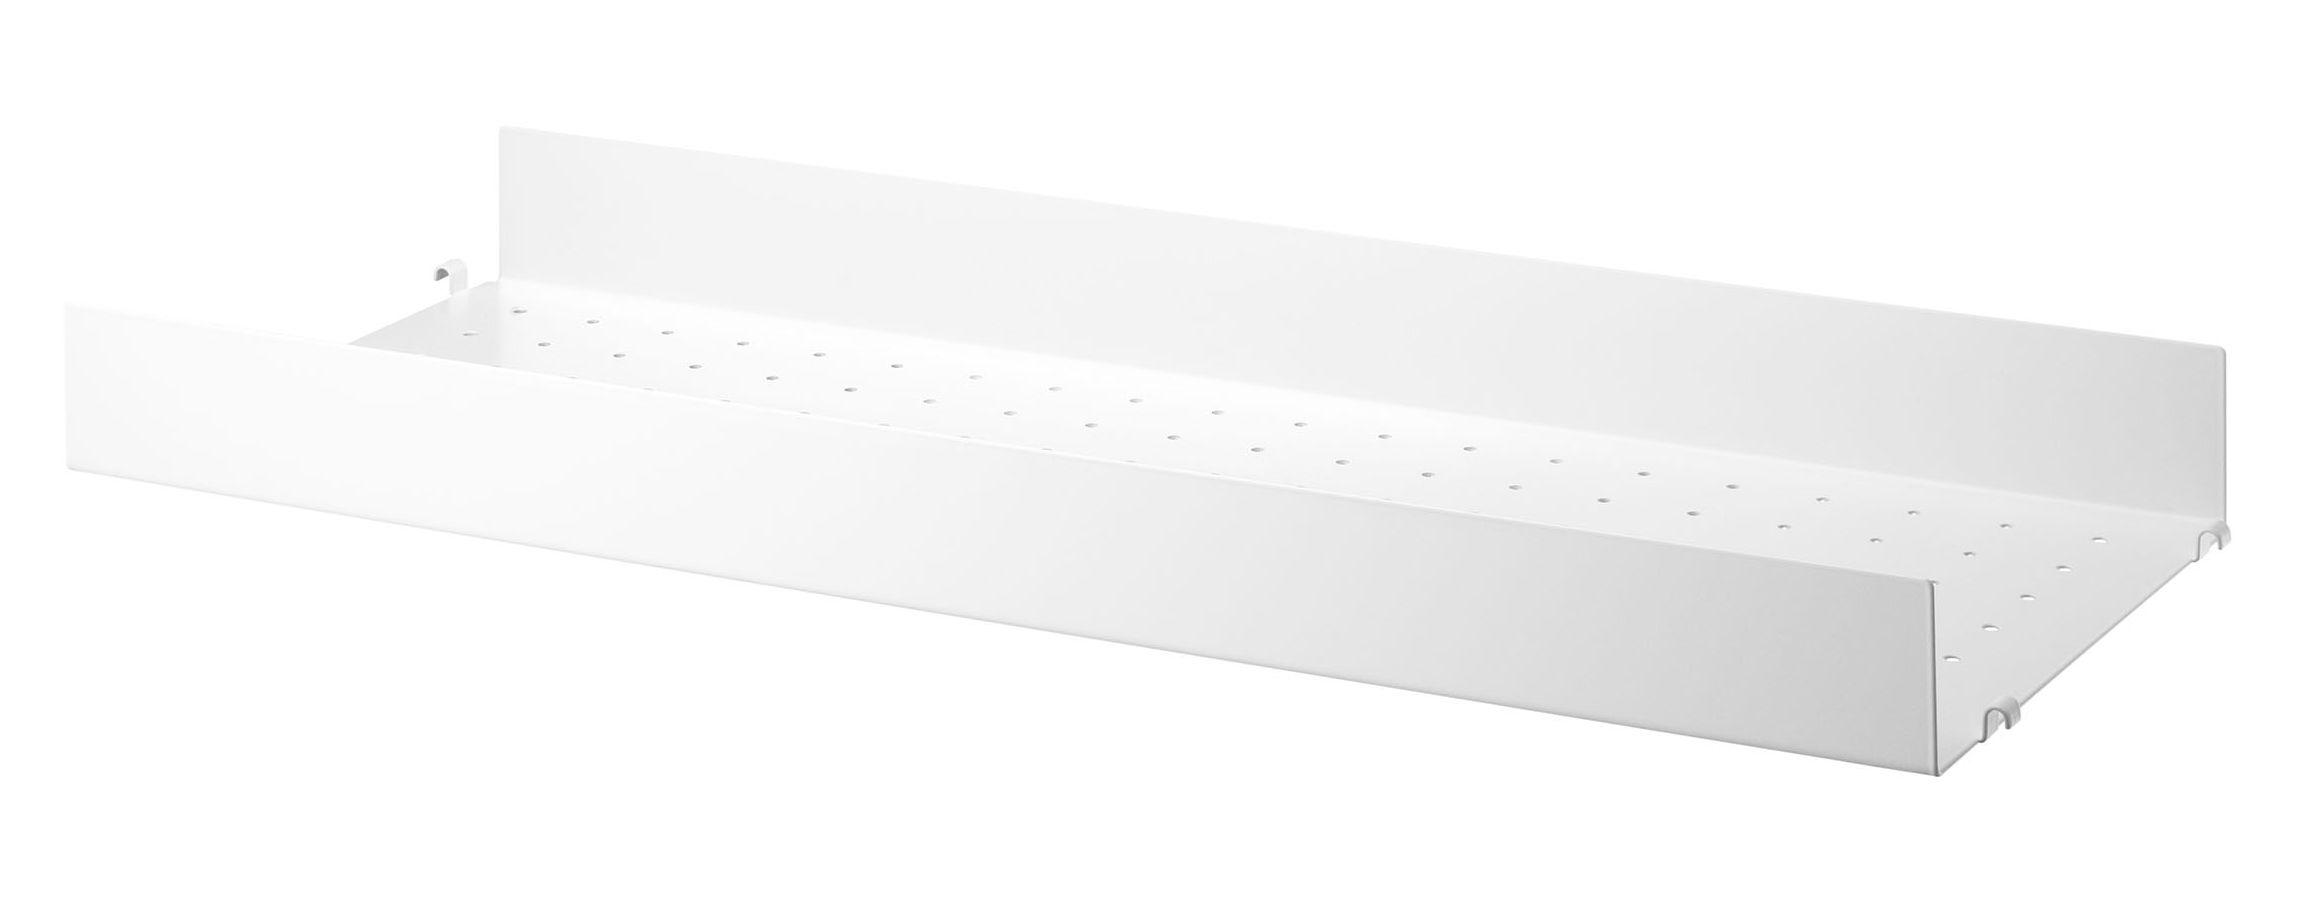 Arredamento - Scaffali e librerie - Scaffale String System - / Metallo traforato, bordo alto - L 78 x P 30 cm di String Furniture - L 78 cm / Bianco - metallo laccato